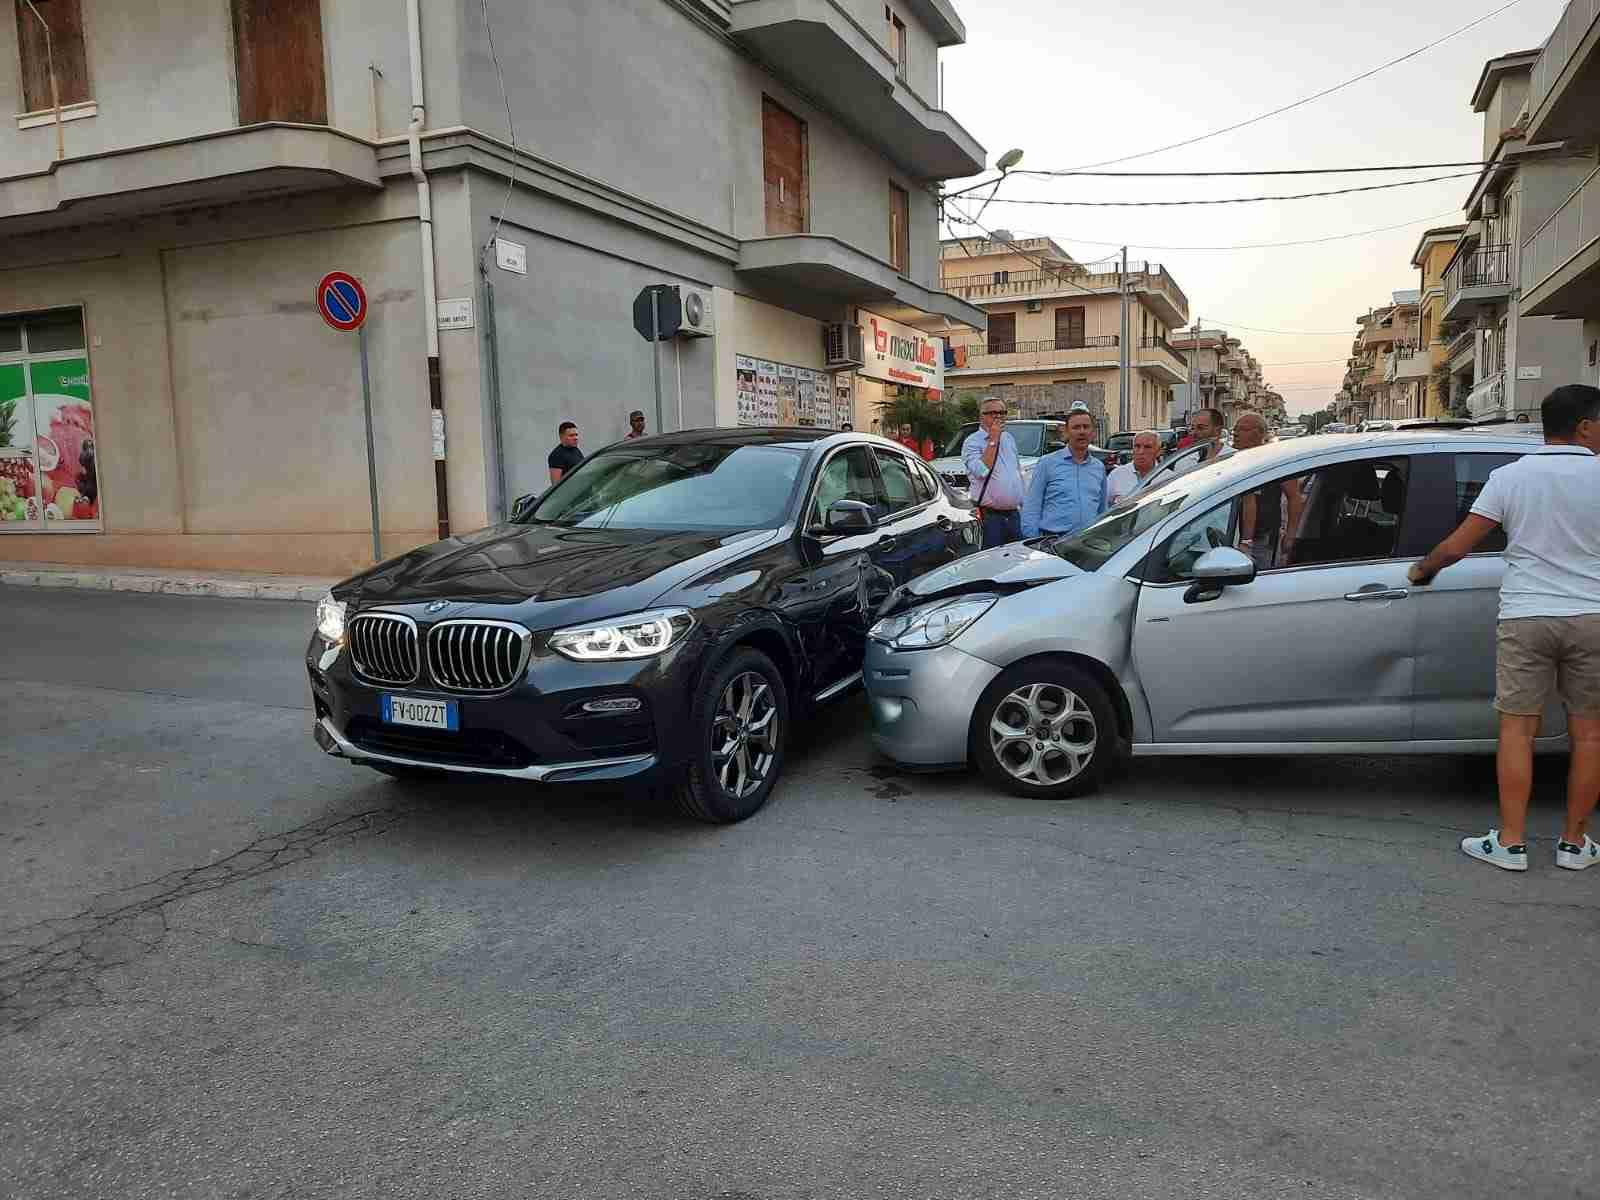 """Non si ferma allo """"Stop"""". Ennesimo incidente nell'incrocio Via Bellini/Cesare Battisti"""